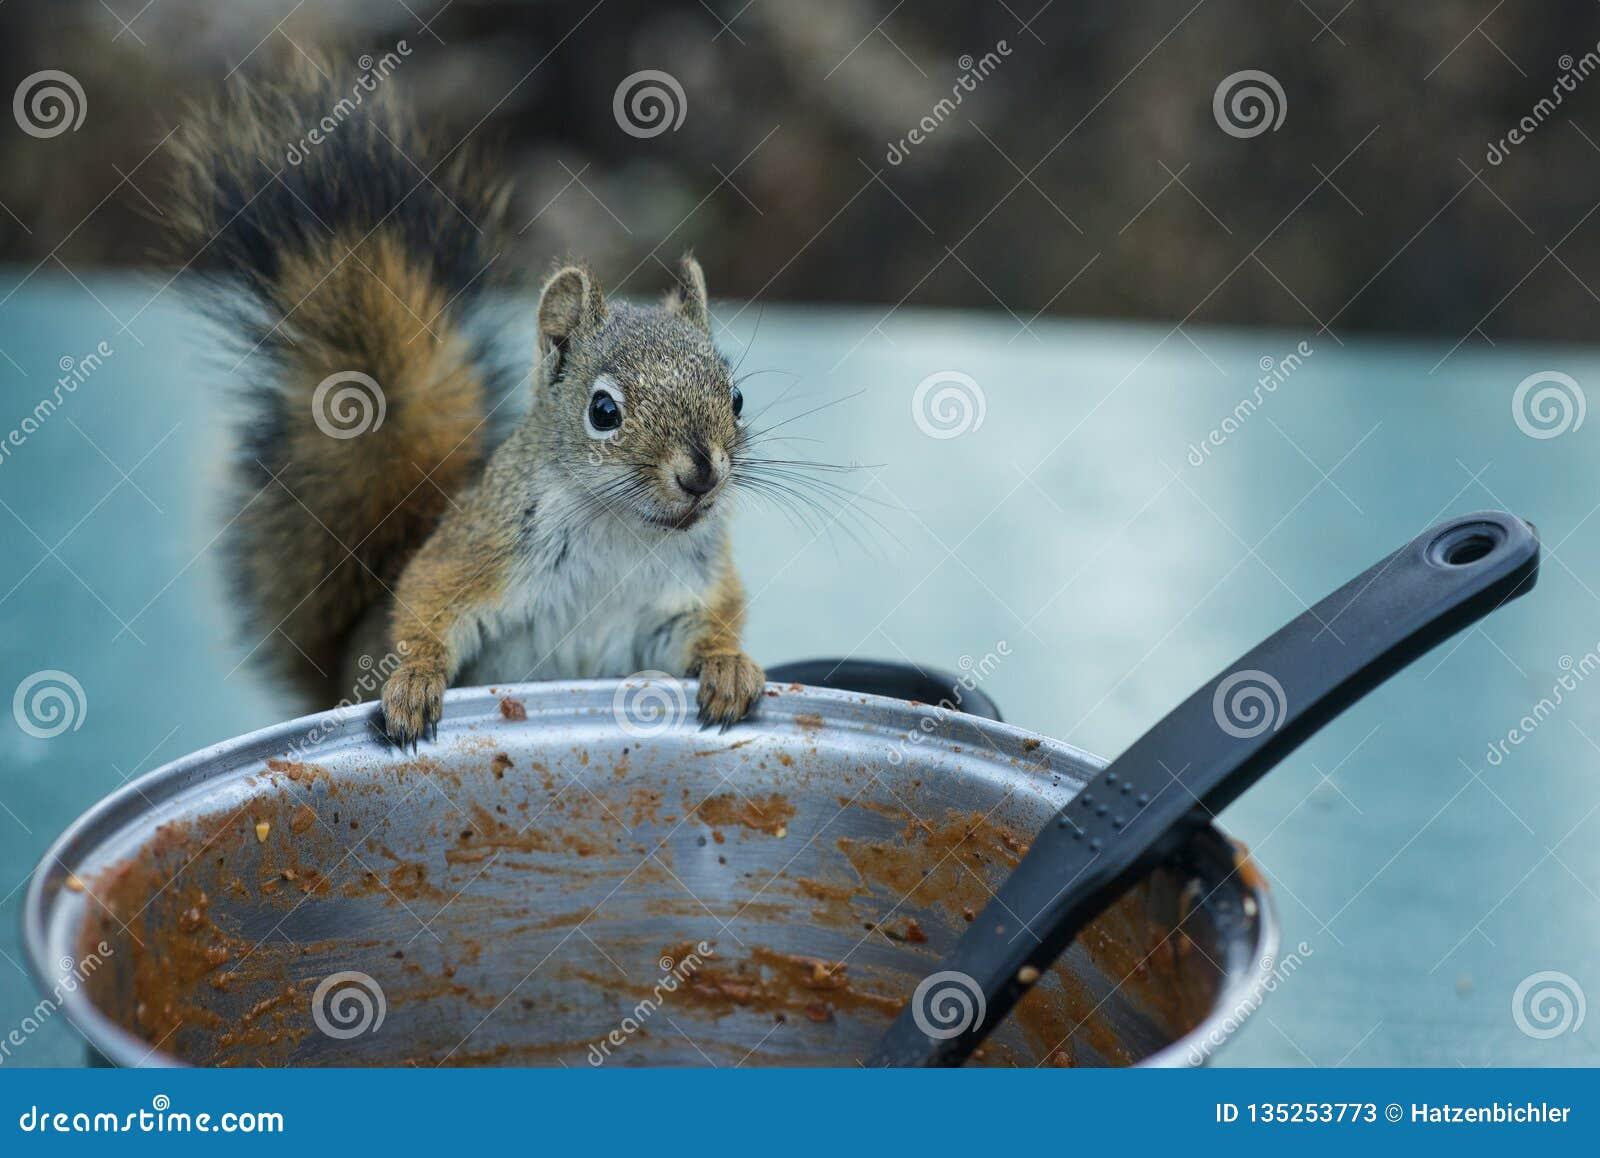 Amerikaans rood eekhoorn stealing voedsel